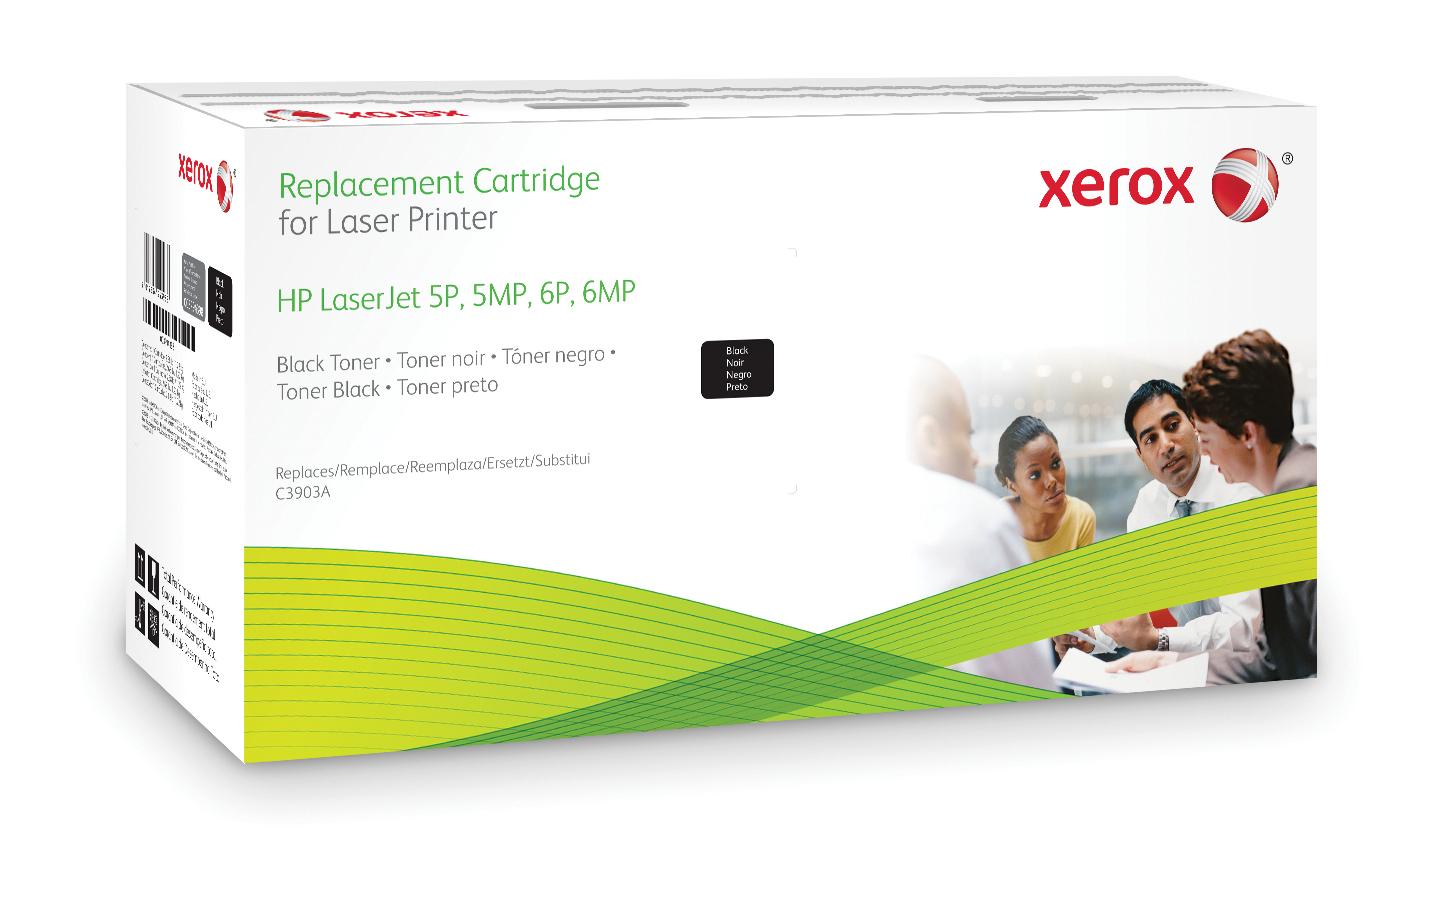 Xerox Cartucho de tóner negro. Equivalente a HP C3903A. Compatible con HP LaserJet 5MP/5P, LaserJet 6MP/6P